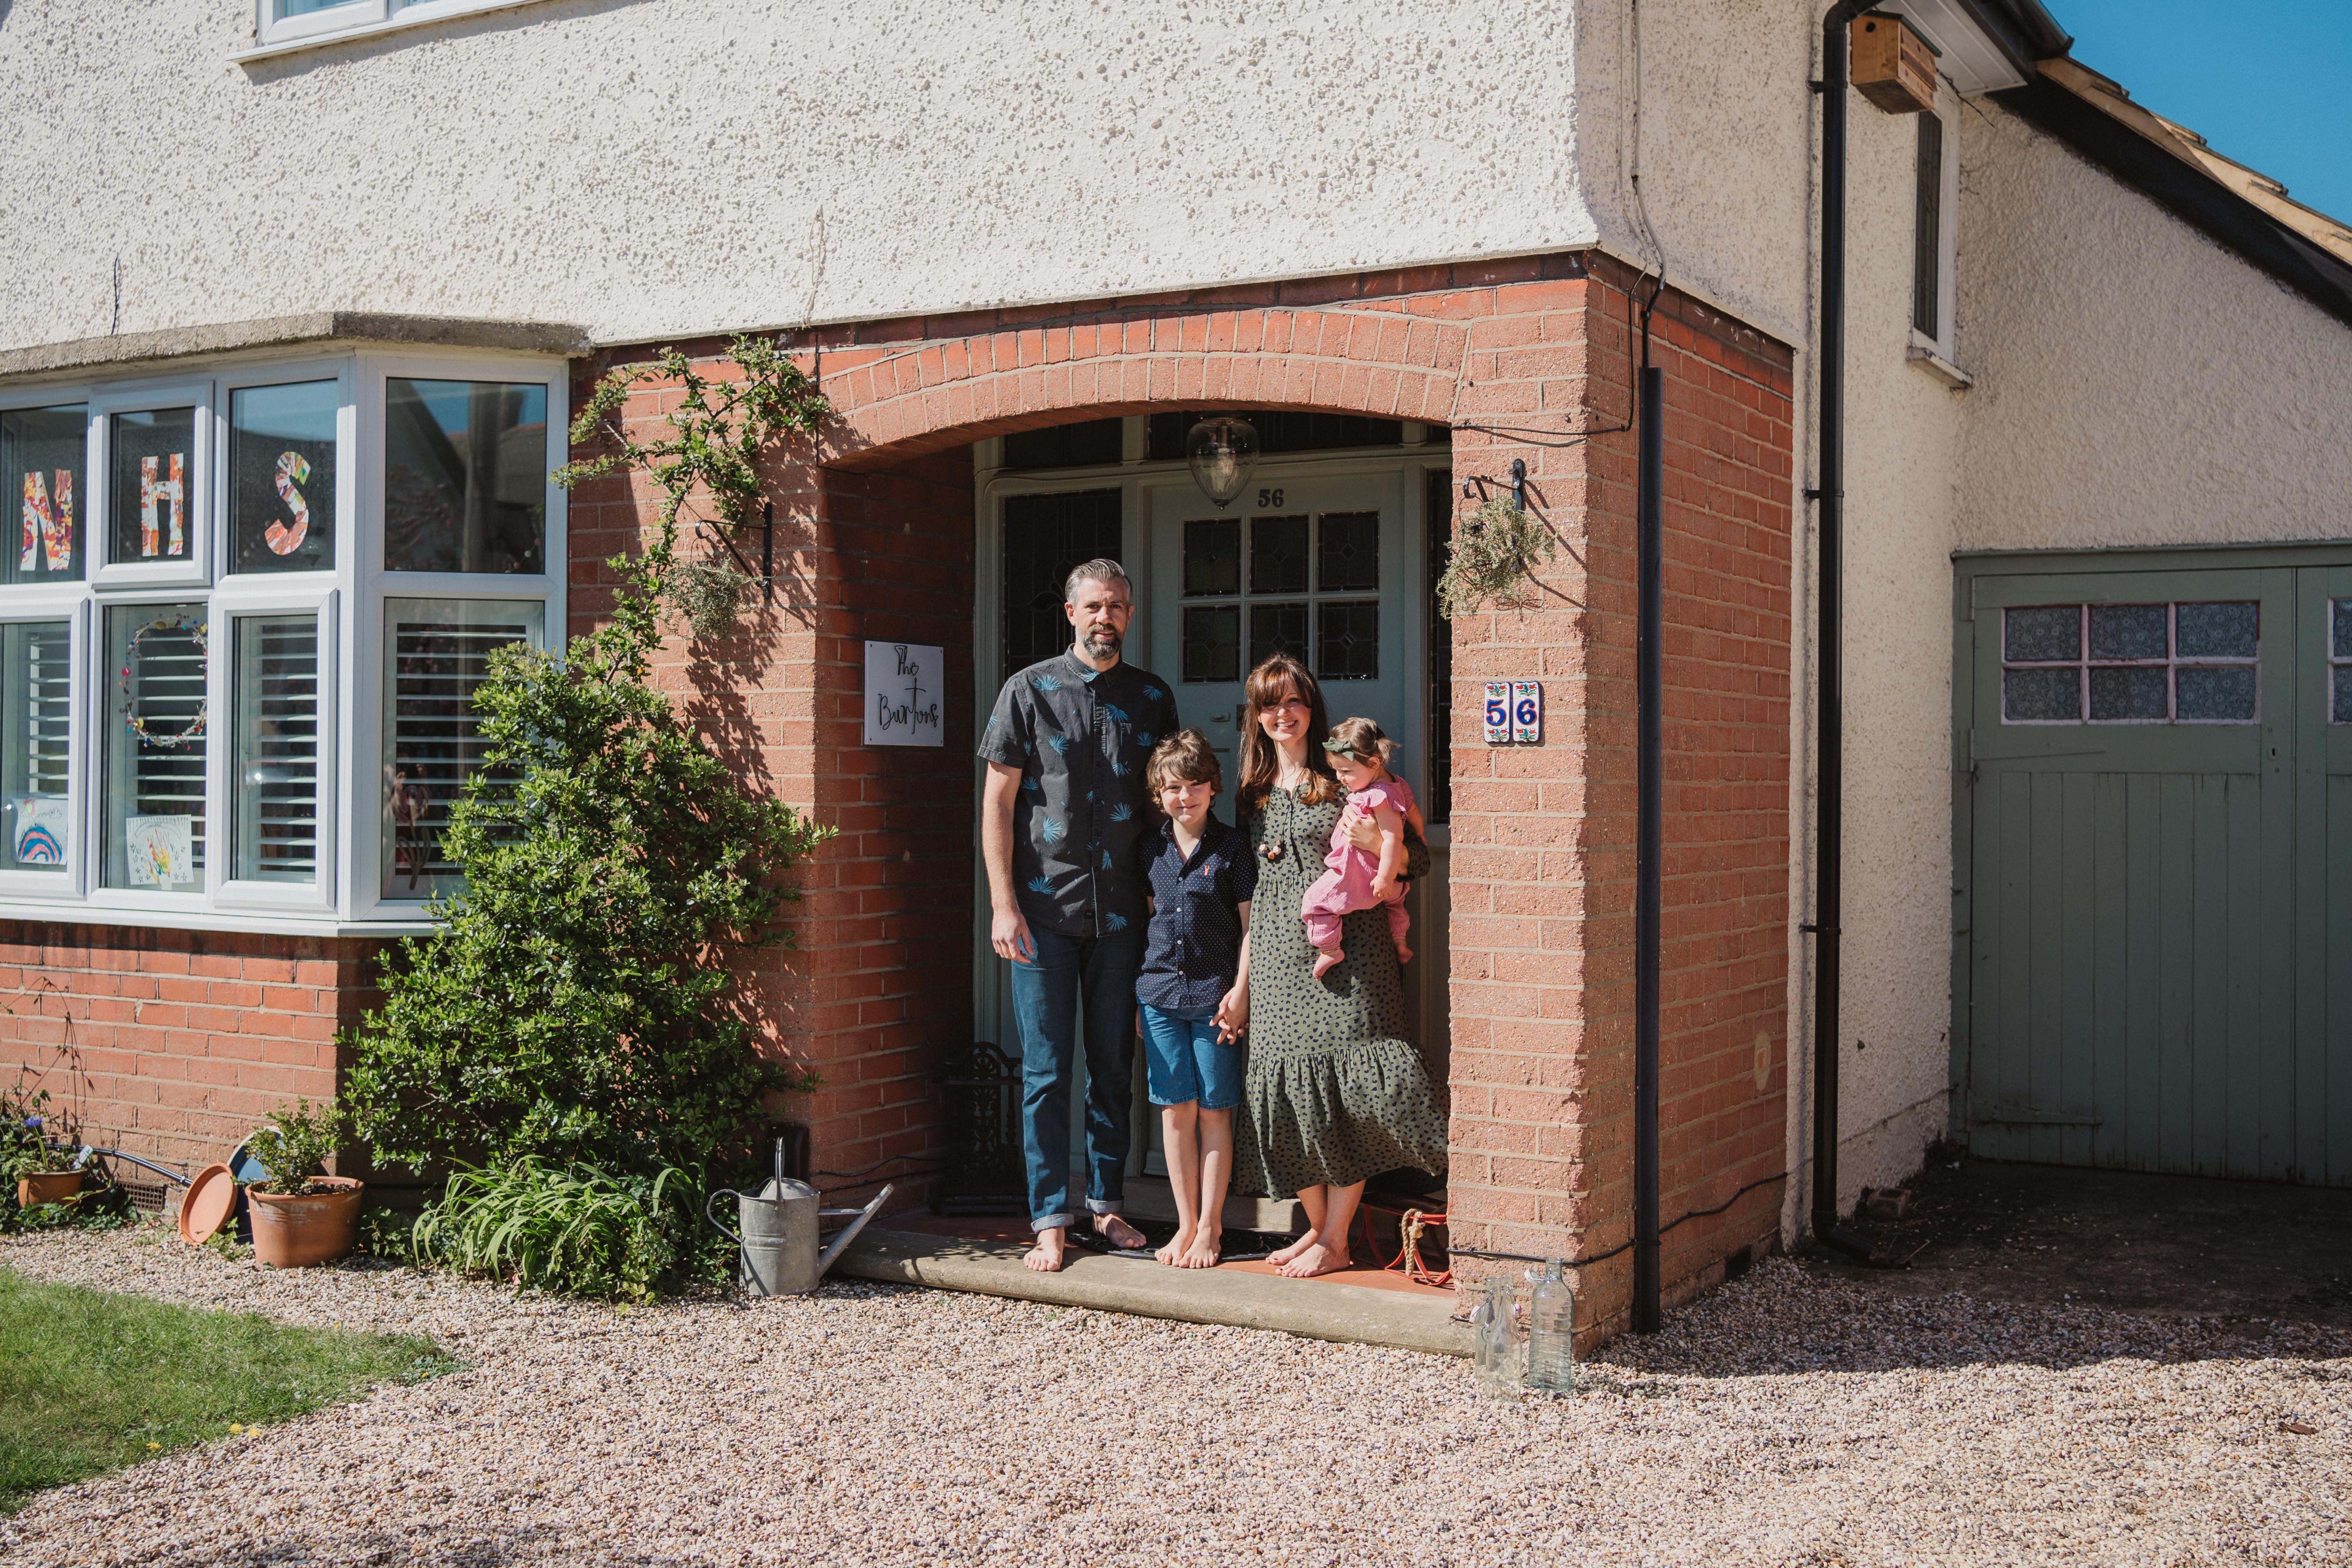 lockdown doorstep portrait photography in ipswich